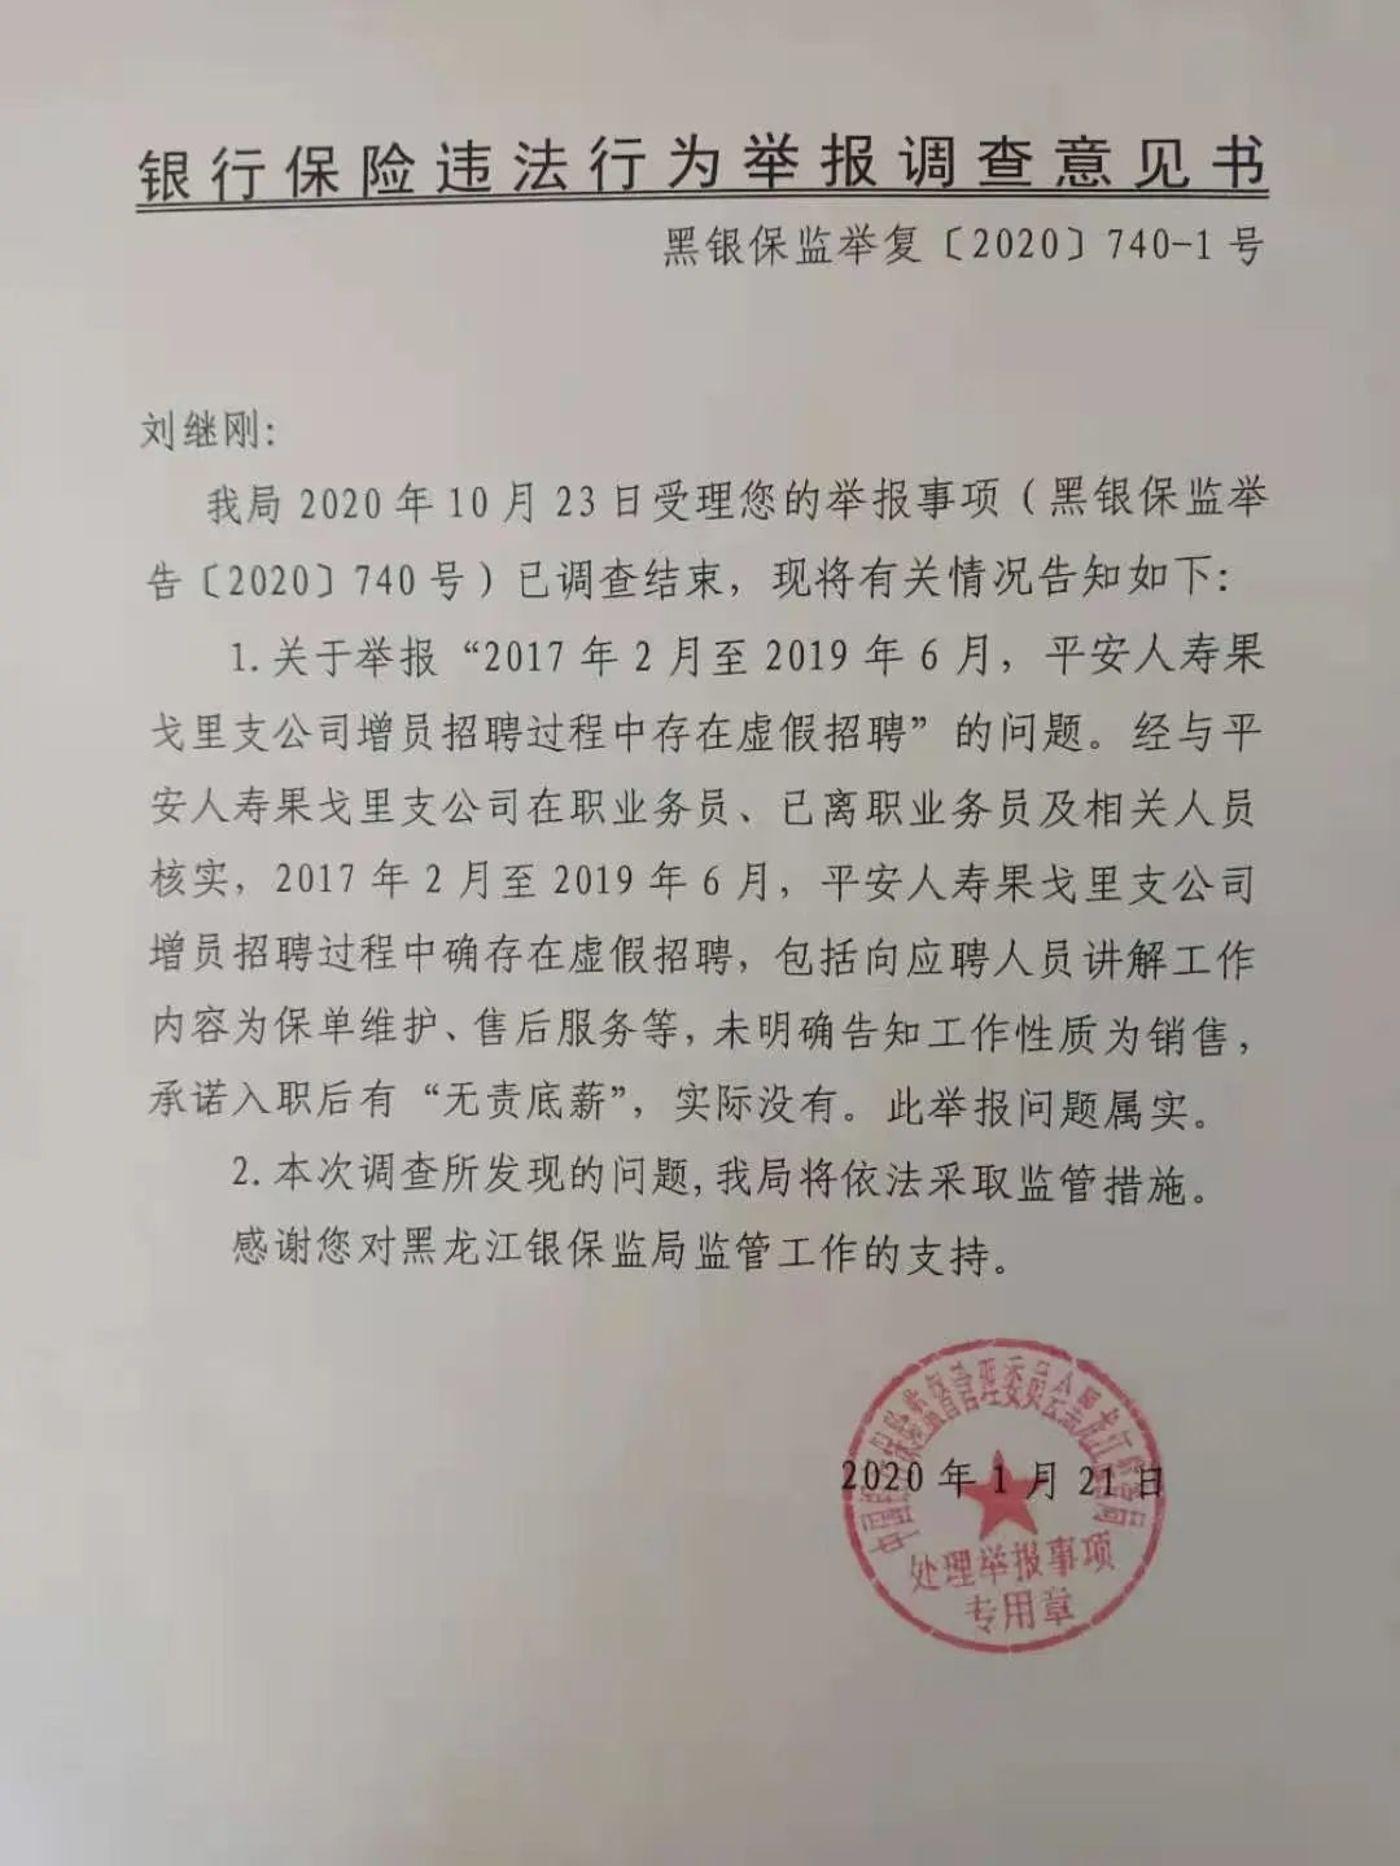 刘继刚提供的举报回复函件